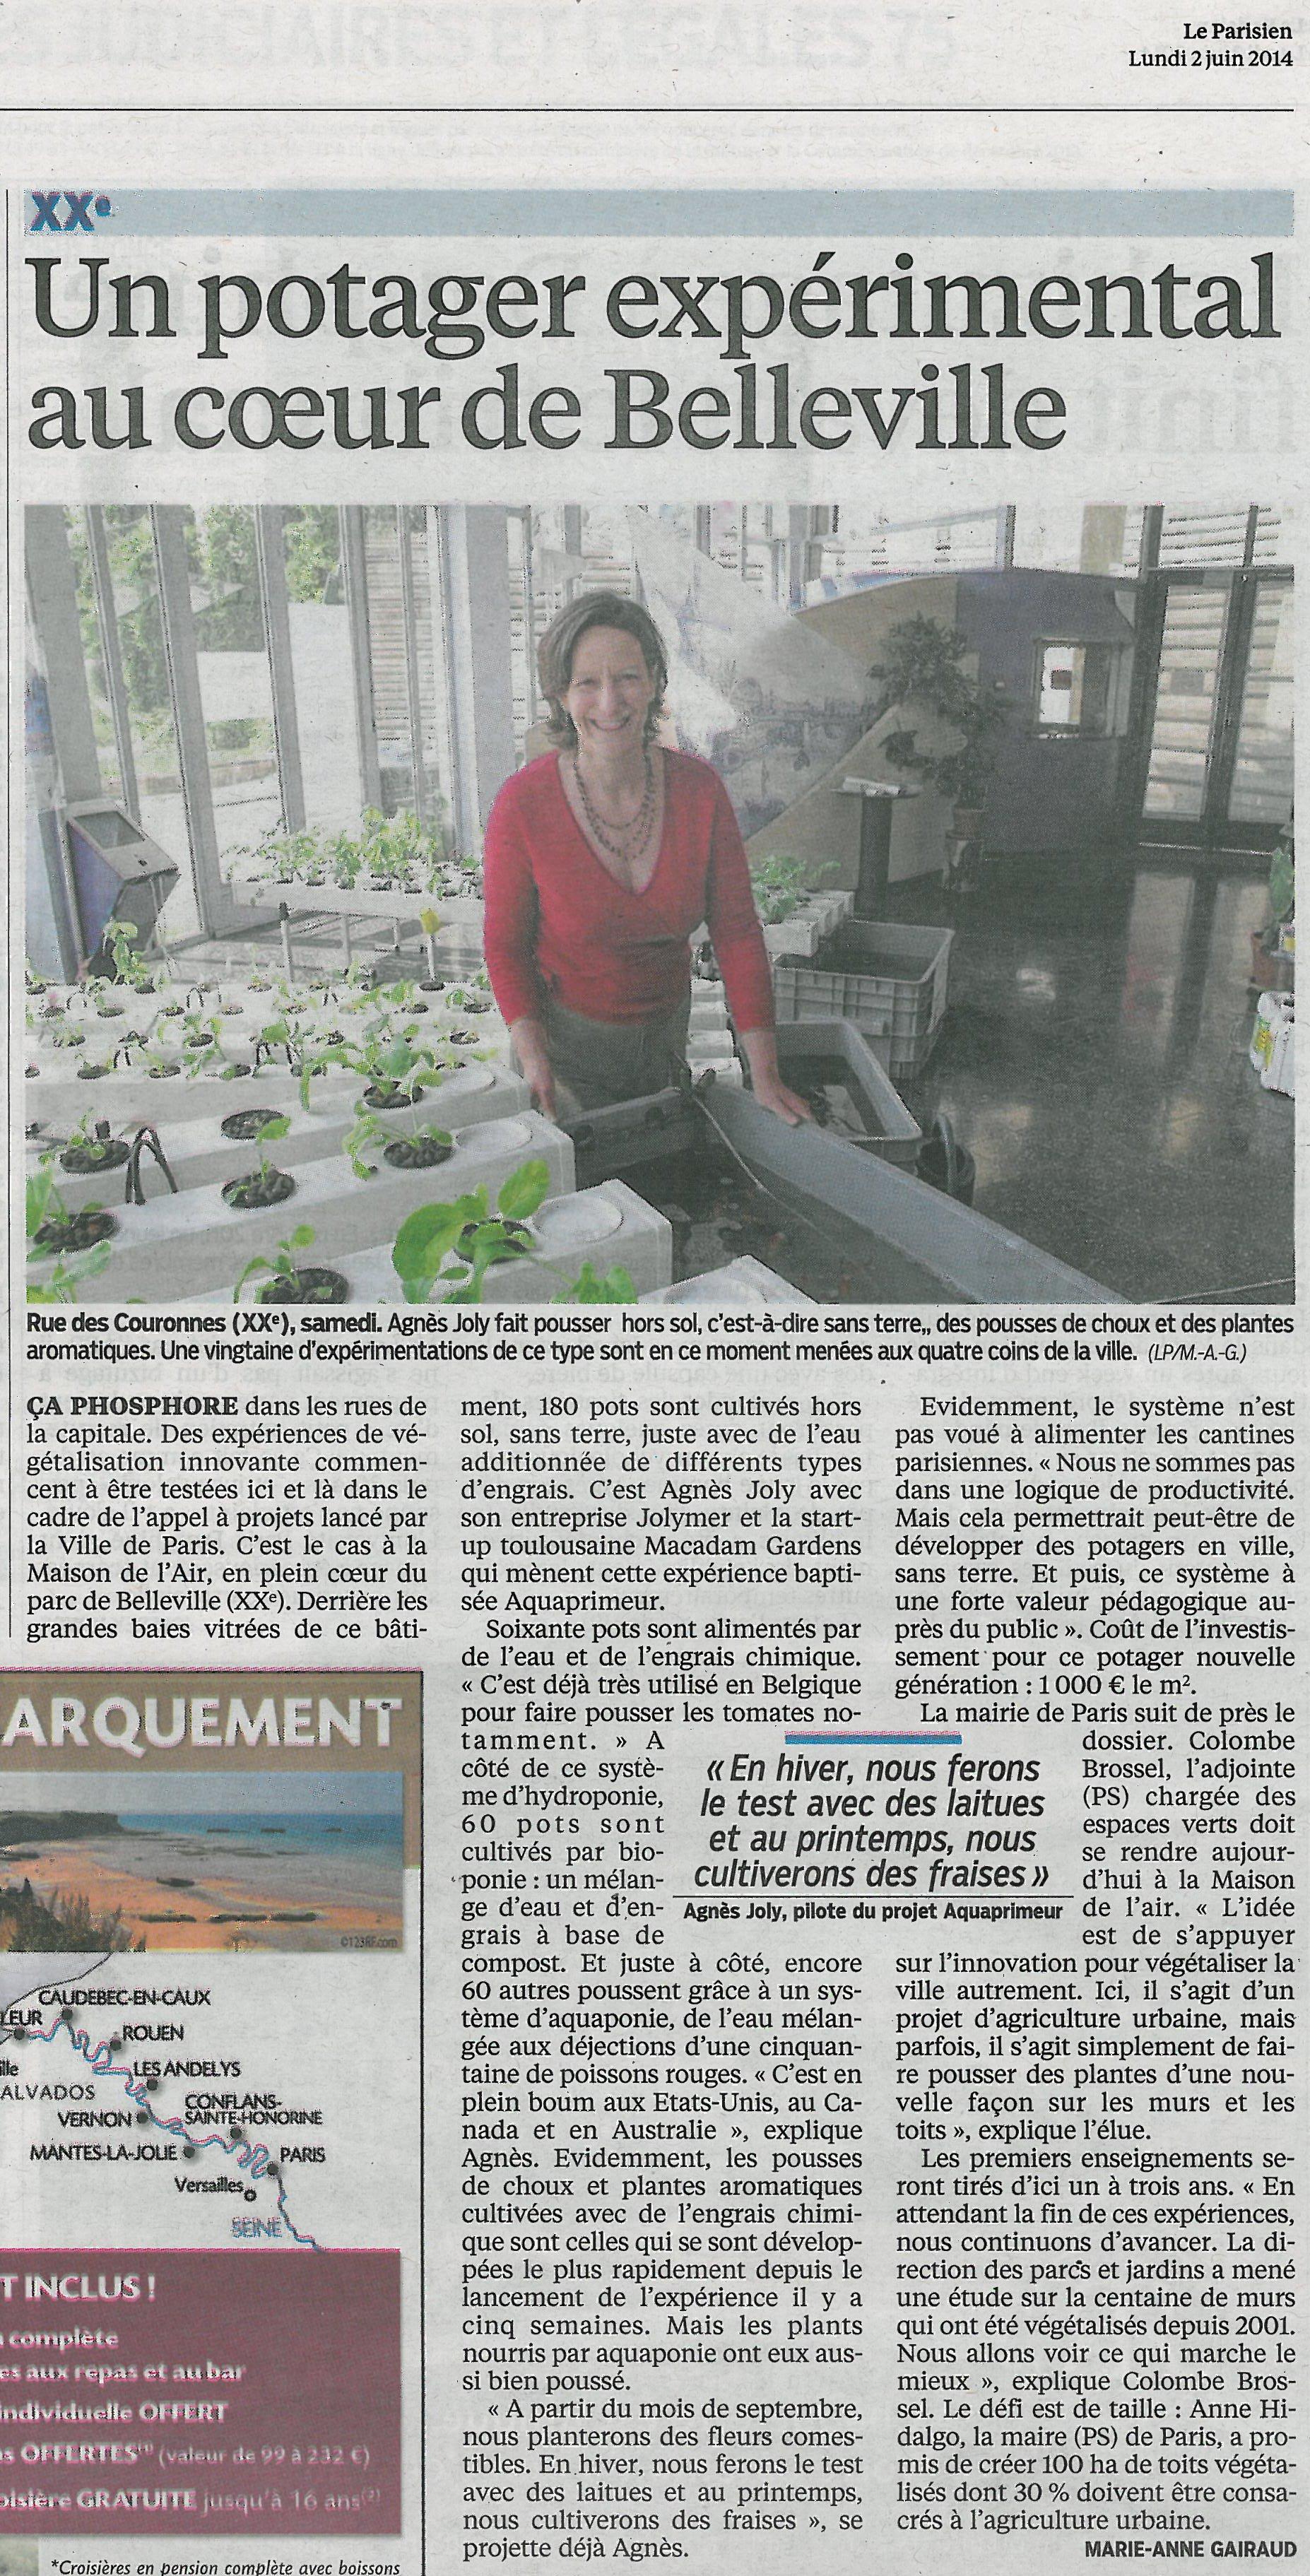 Premier article de presse pour le projet : Le Parisien